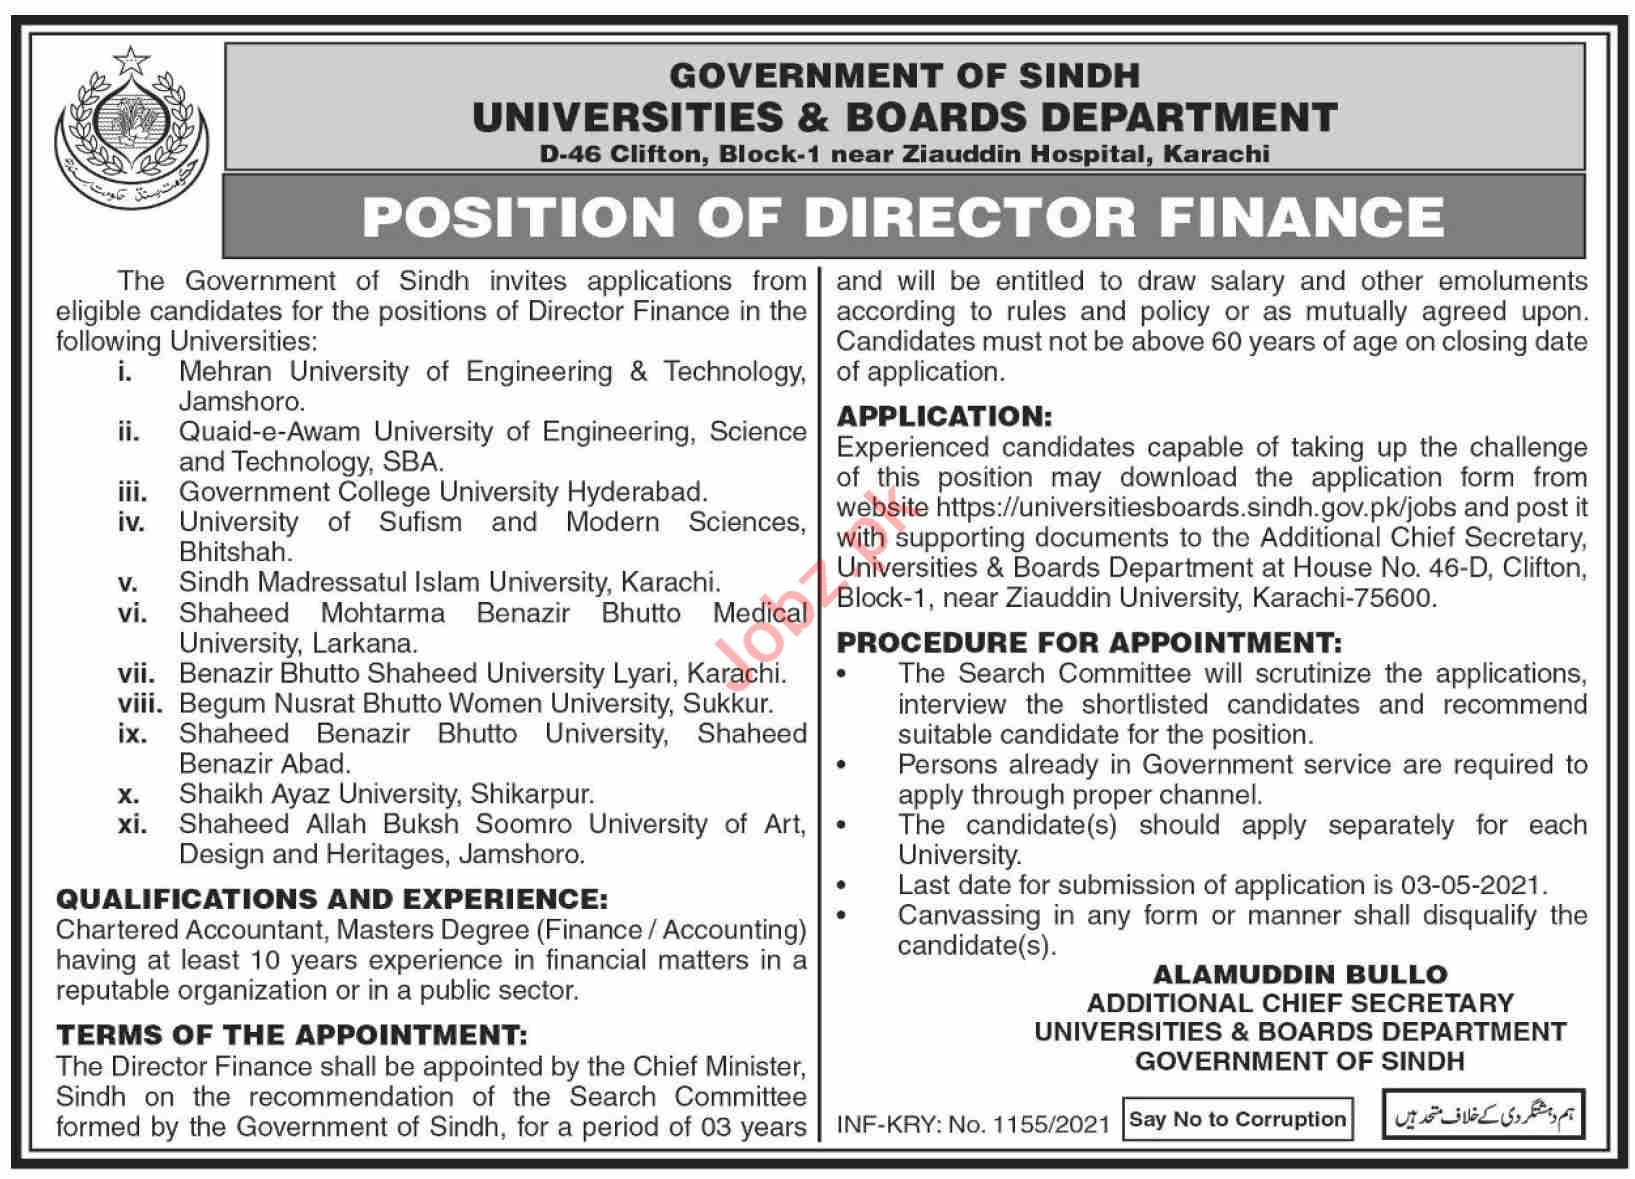 Universities & Boards Department Sindh Jobs 2021